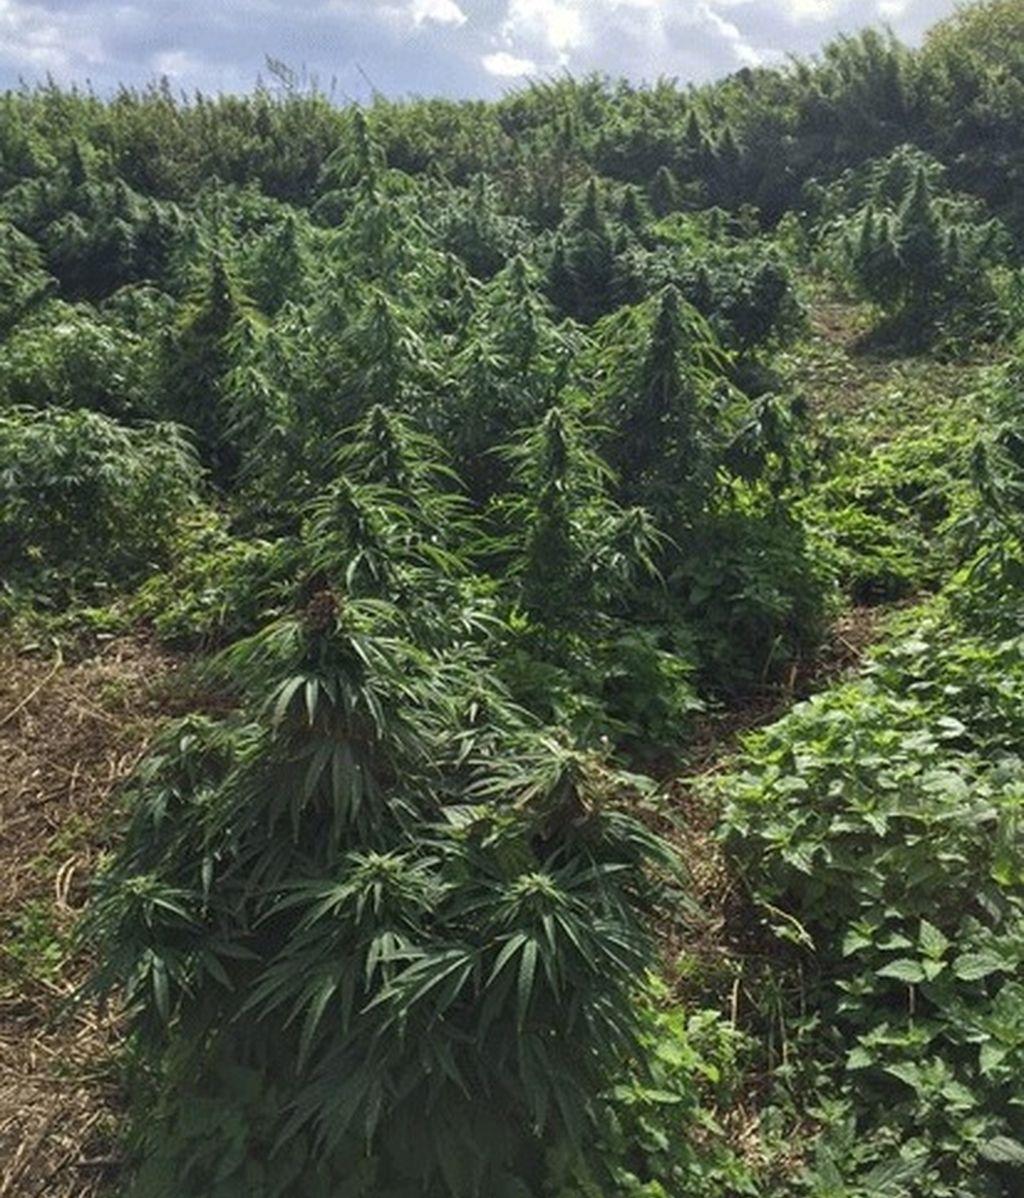 Hallan un bosque de cannabis en el sudoeste de Londres